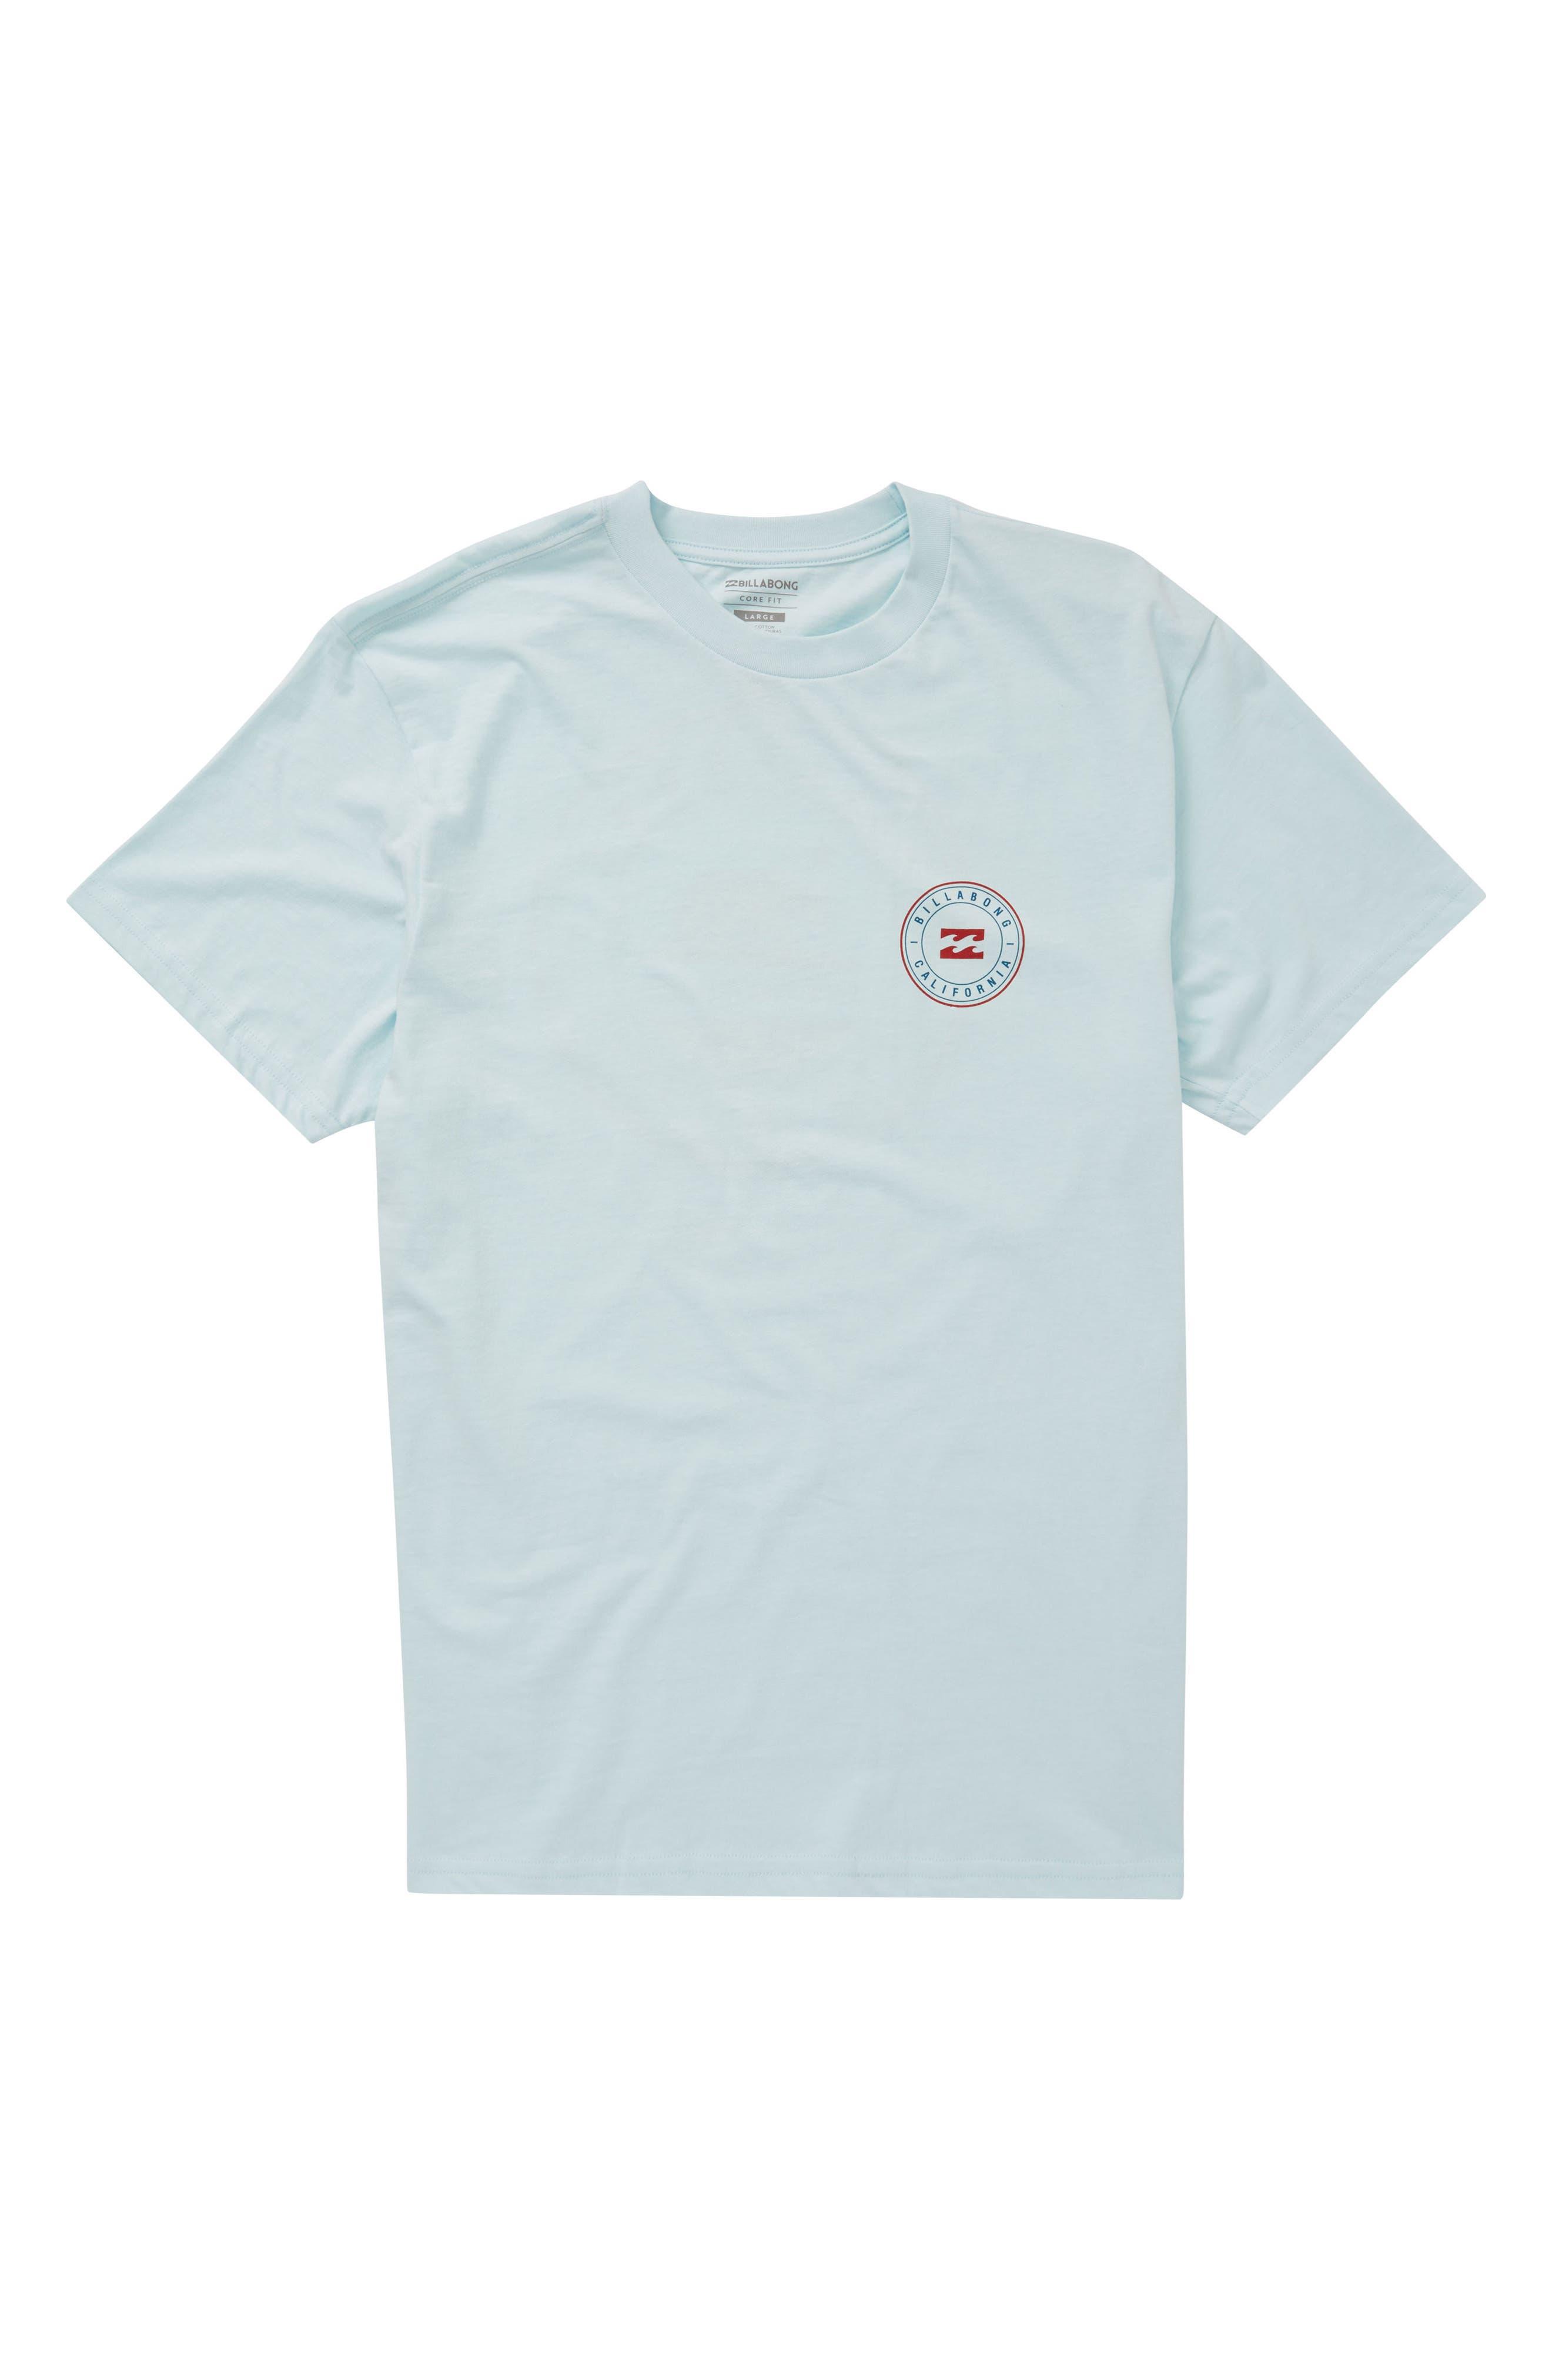 Native Rotor CA T-Shirt,                             Main thumbnail 1, color,                             Coastal Blue